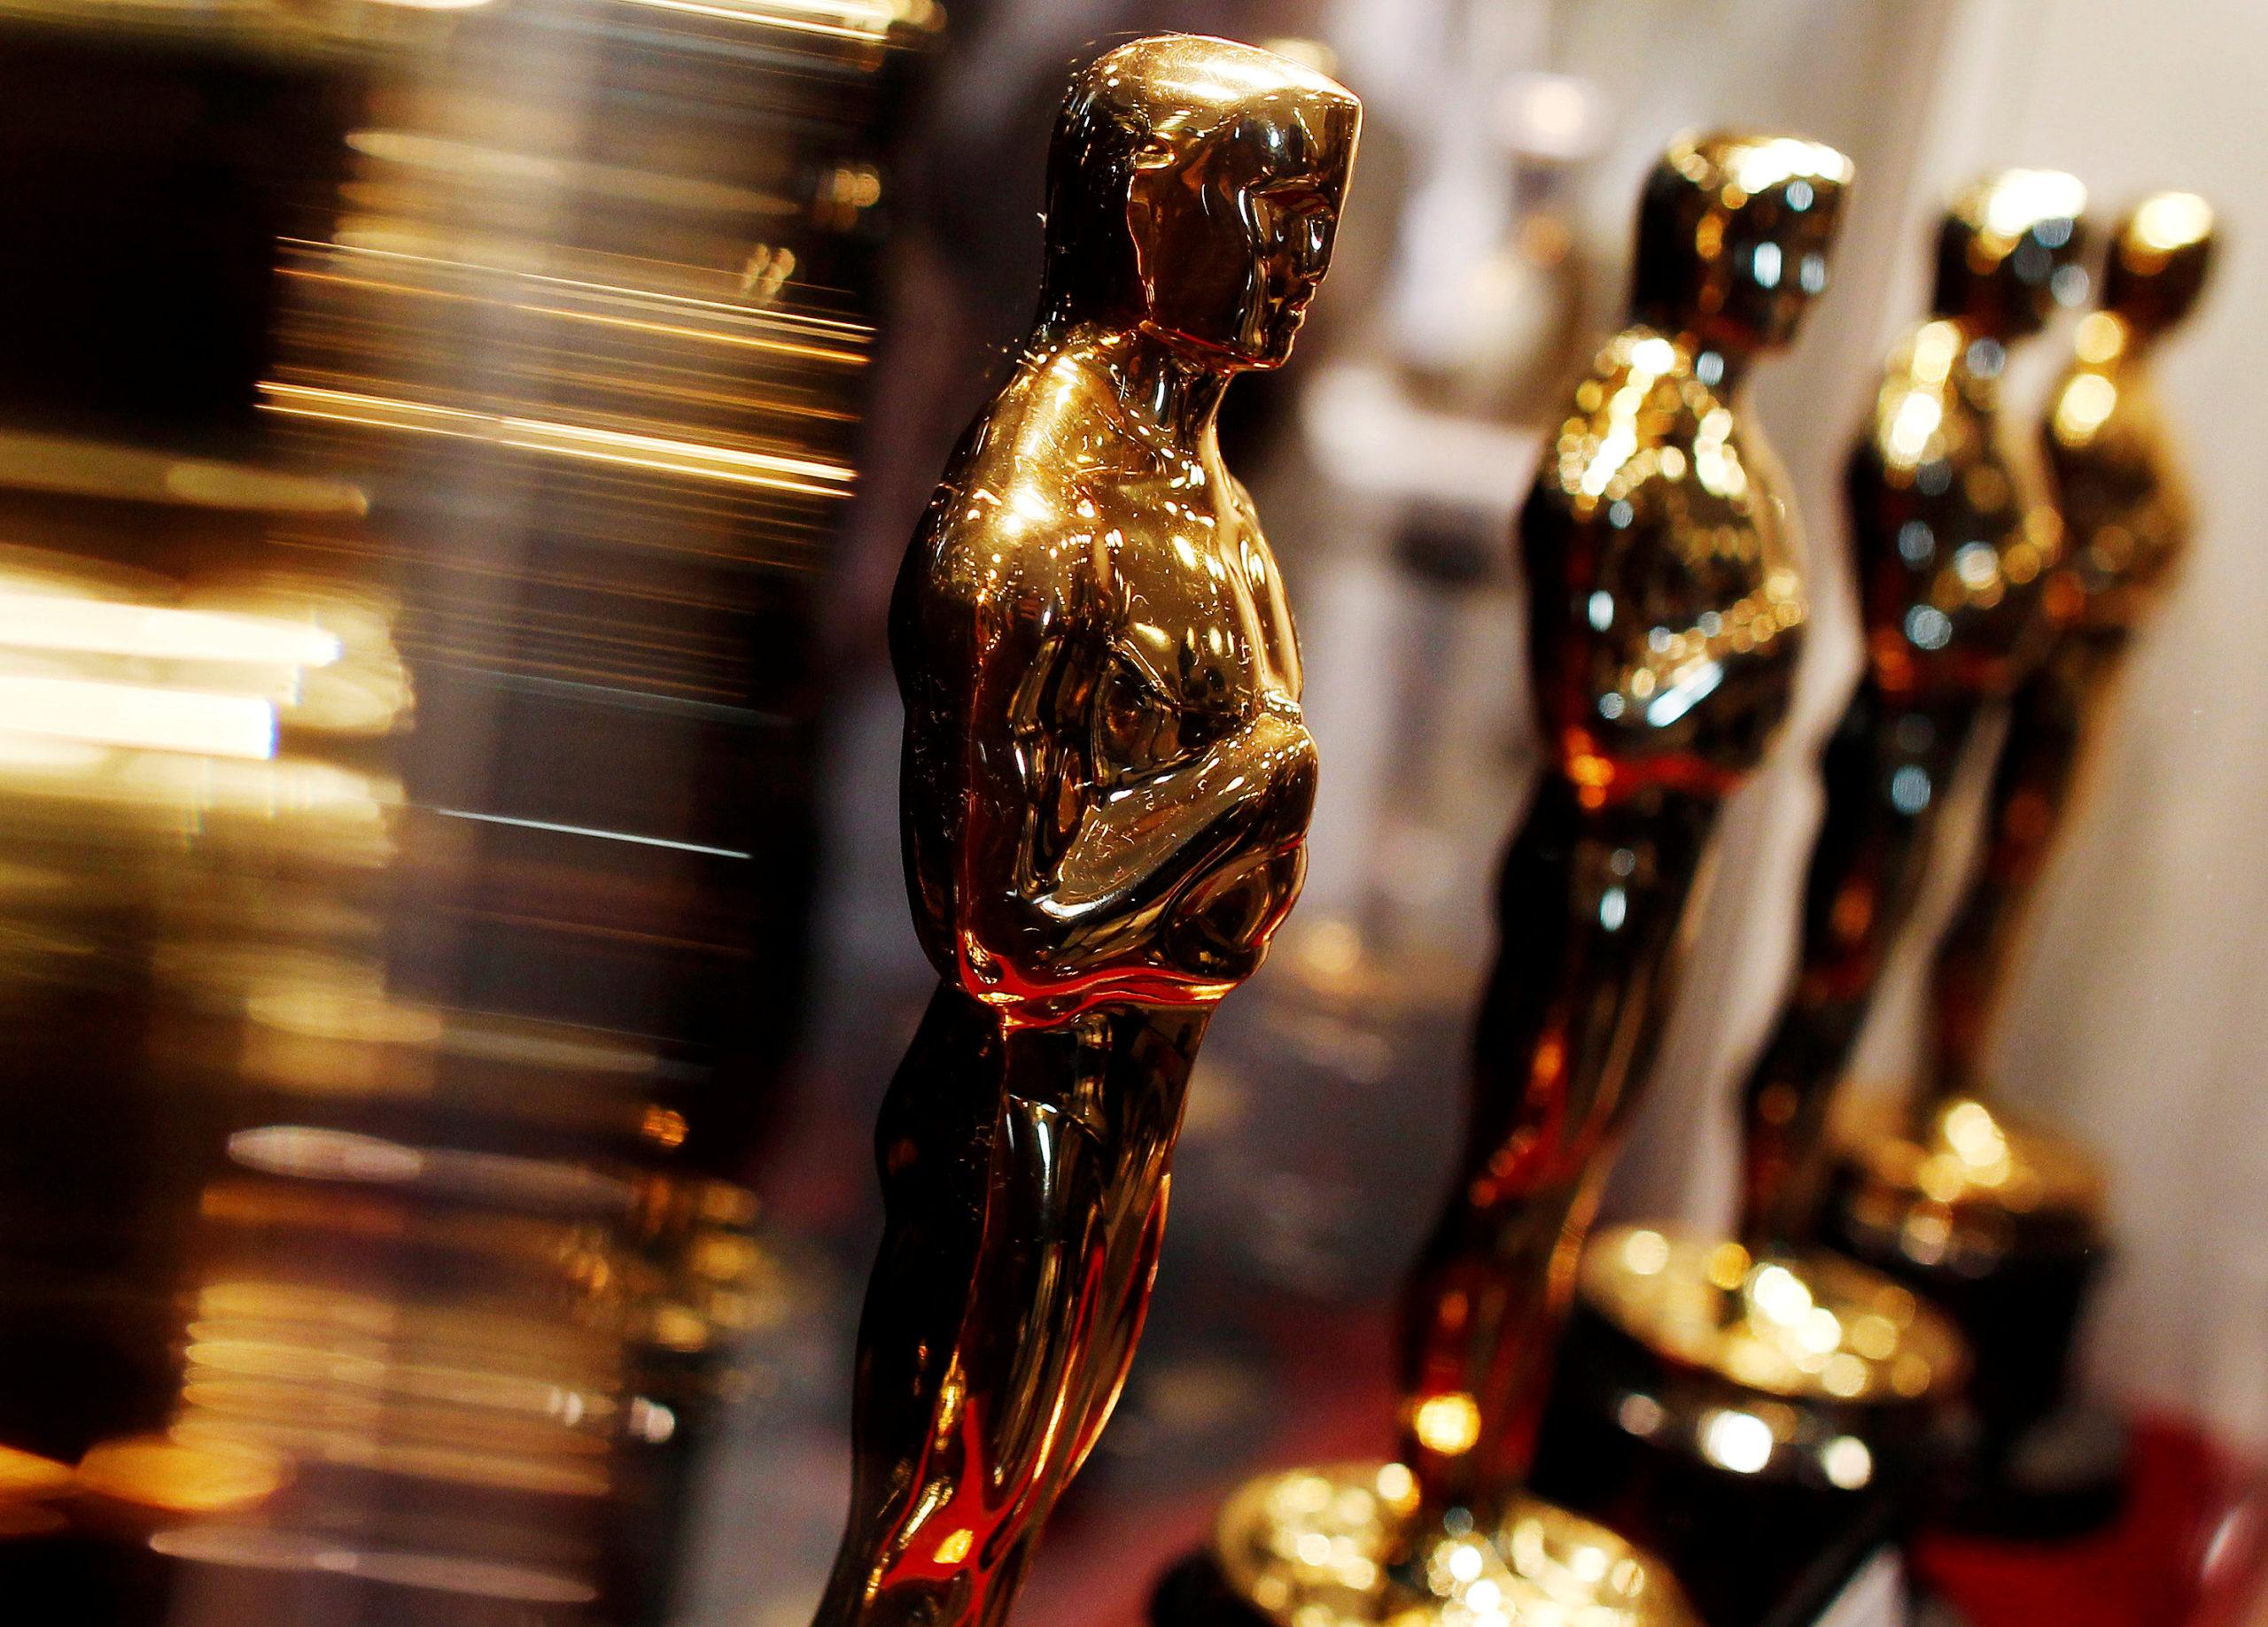 Les Oscars vont fixer des critères de diversité pour les films éligibles